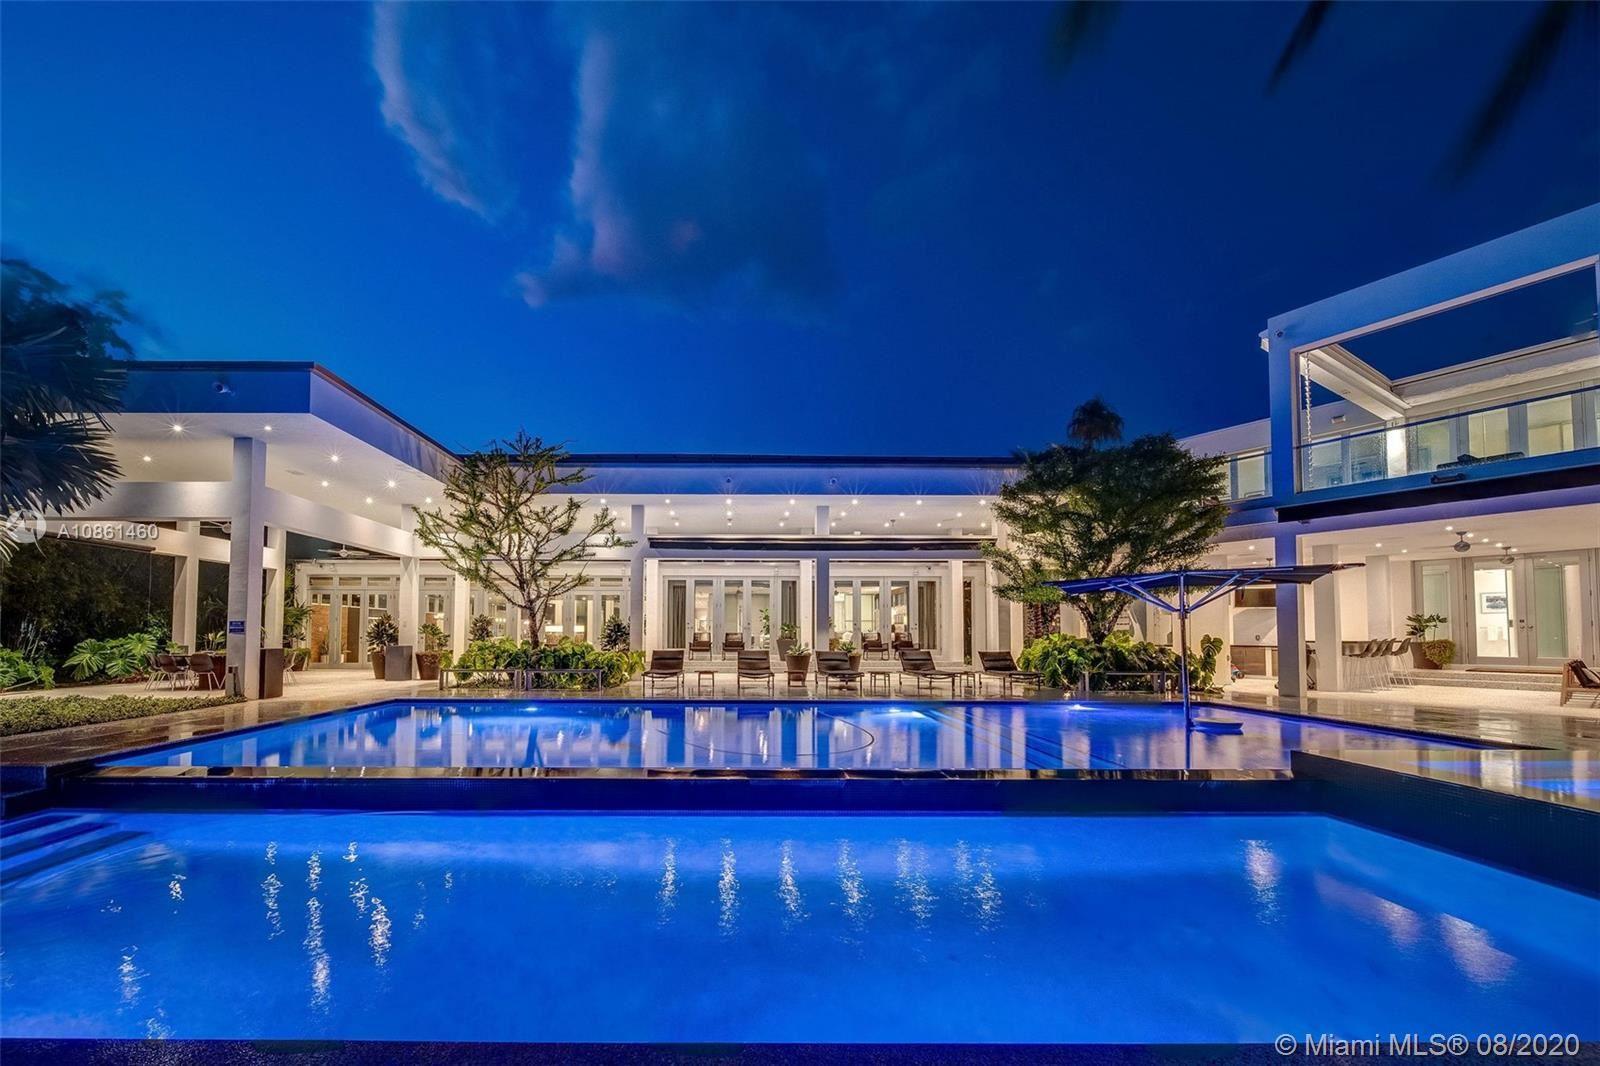 544 Lakeview Ct, Miami Beach, FL 33140 - #: A10861460